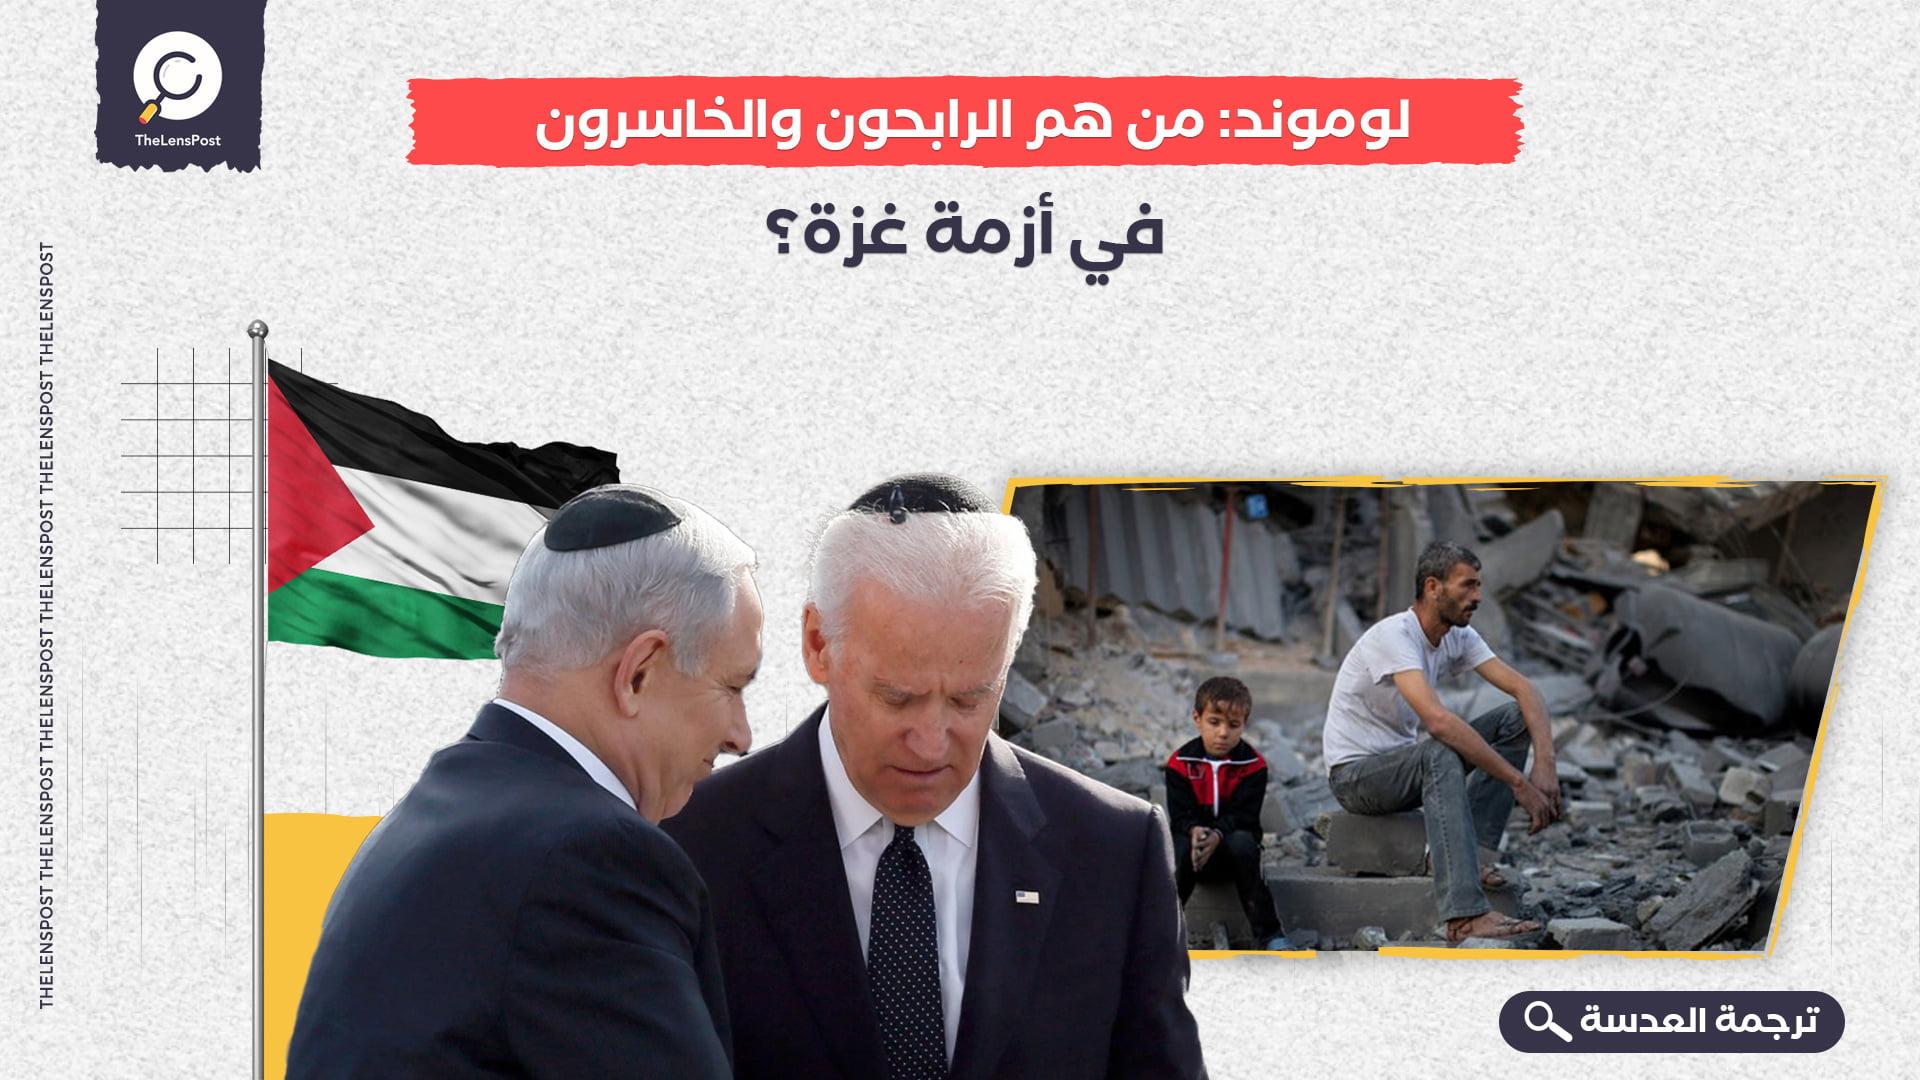 لوموند: من هم الرابحون والخاسرون في أزمة غزة؟